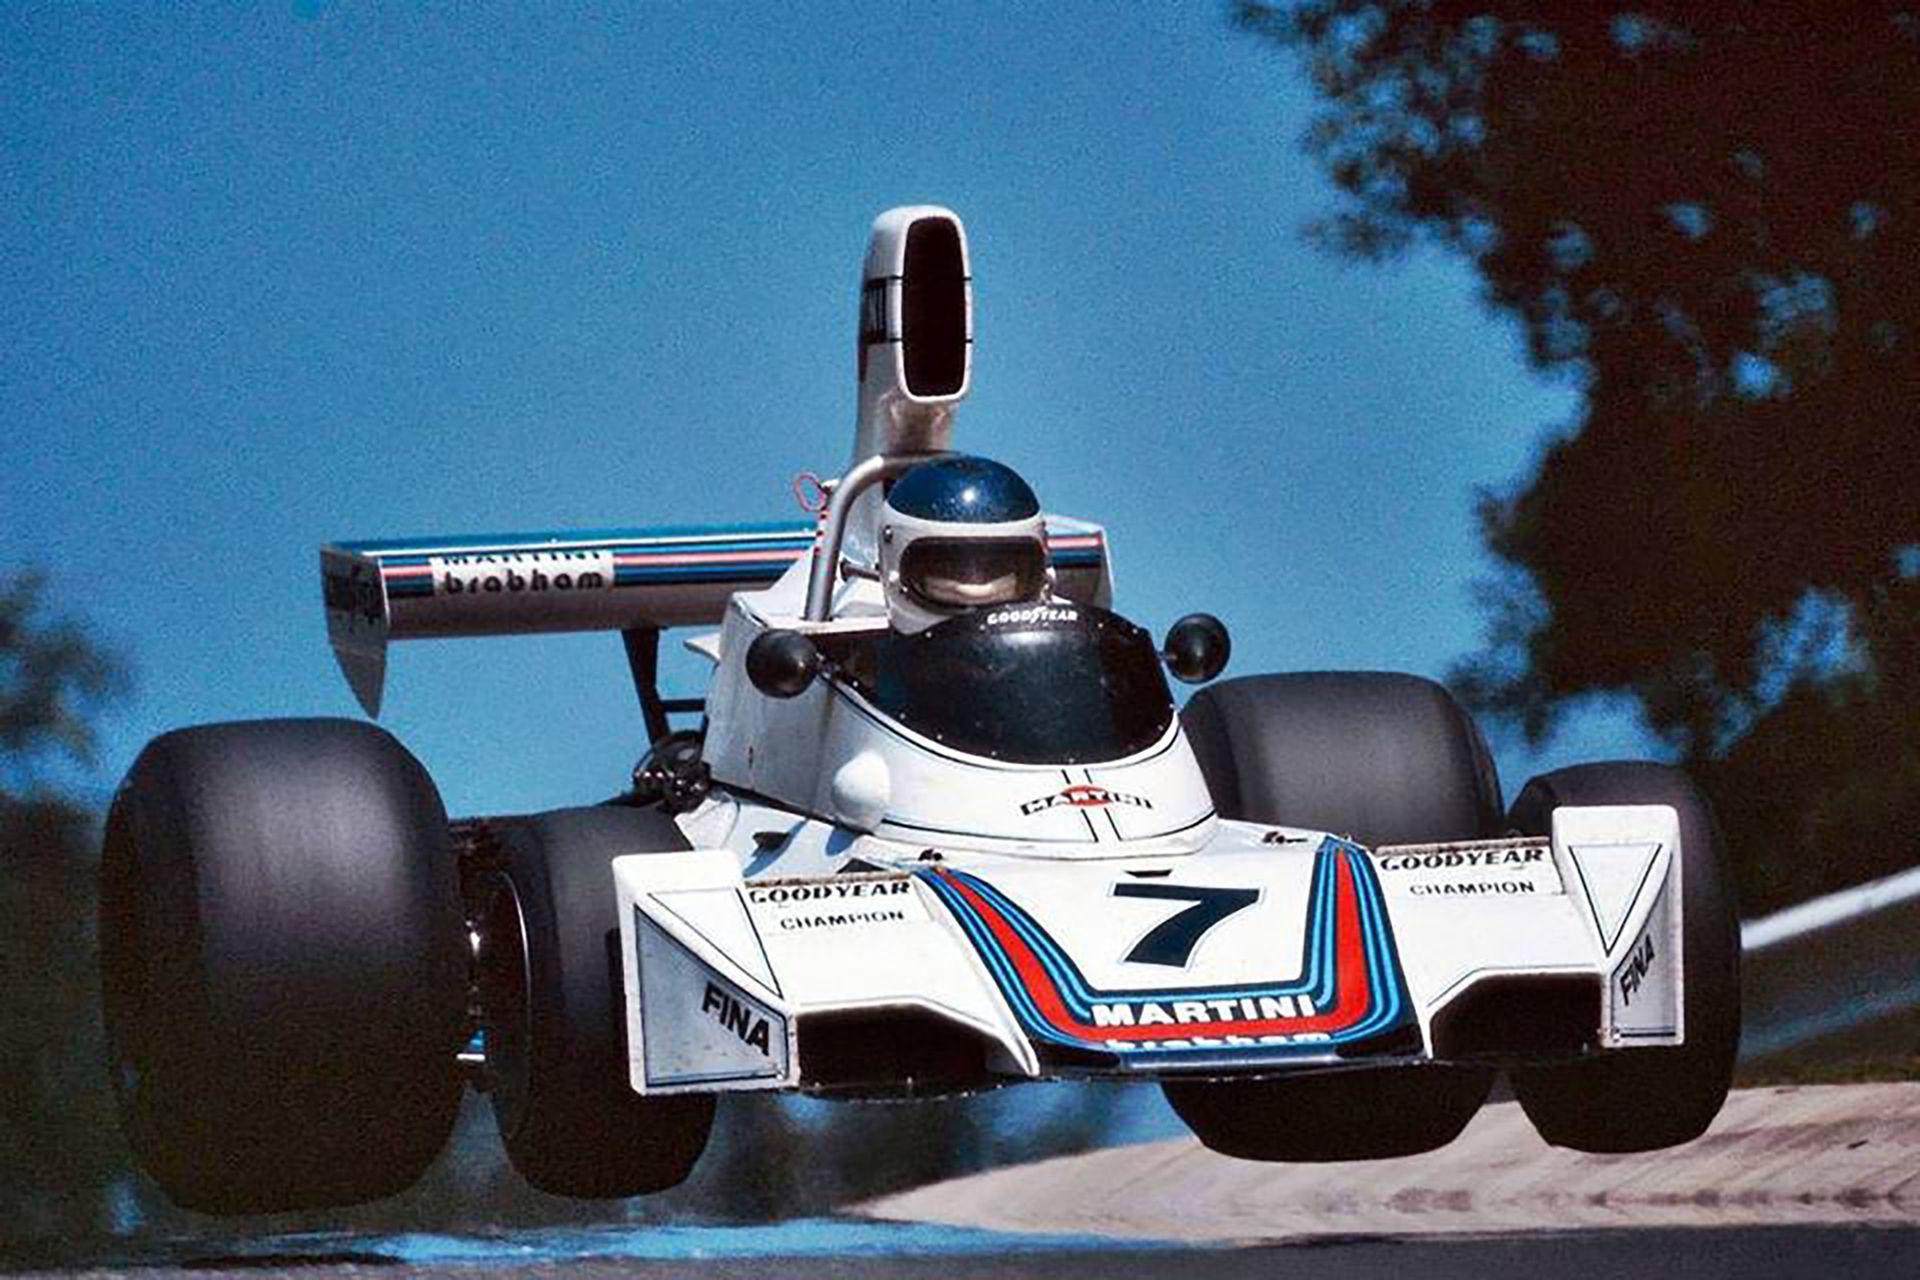 Carlos Reutemann vuela con el Brabham BT44B en Pflanzgarten, en el circuito de Nürburgring; con motores Ford Cosworth, Lole triunfó en el Gran Premio de Alemania 1975